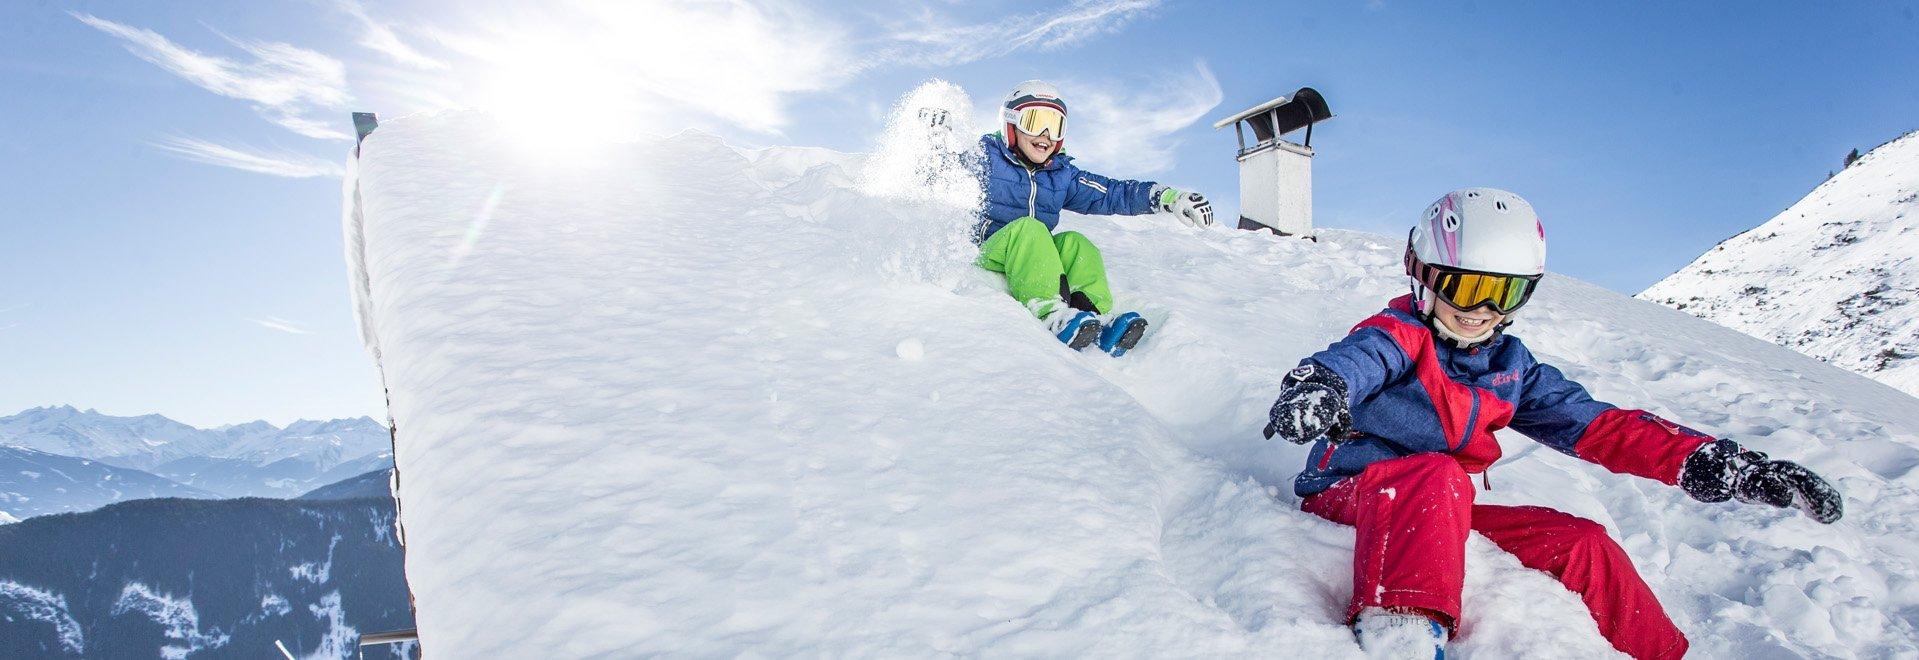 Kinder auf Dach Winterspaß Schnee